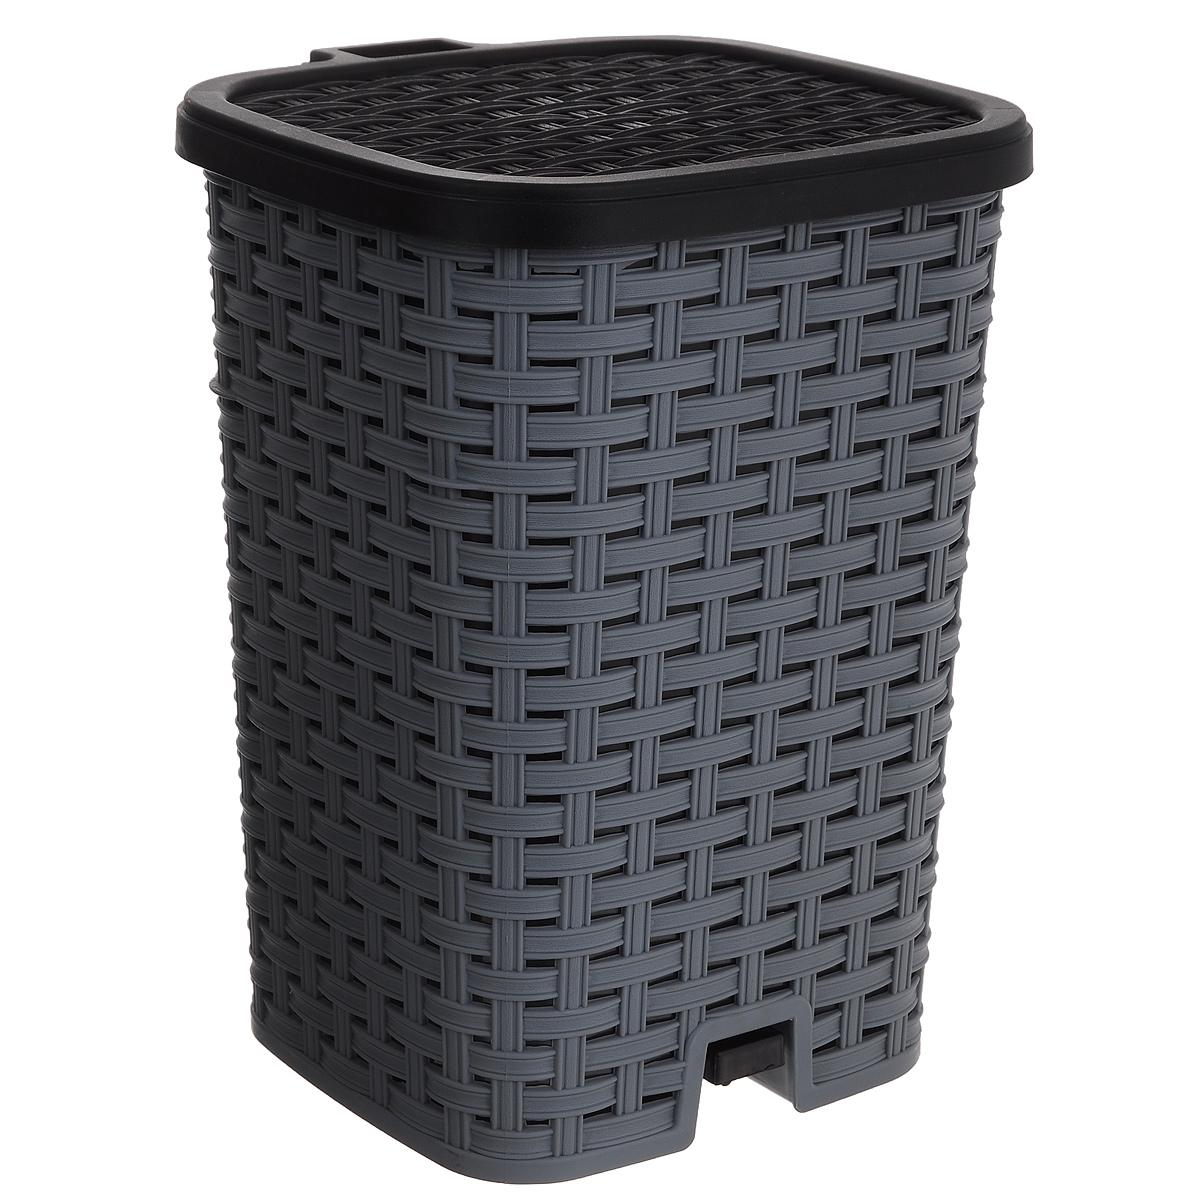 Ведро для мусора Dunya Plastik Раттан, с педалью, цвет: серый, черный, 12 л1053_серый-черныйВедро для мусора Dunya Plastik Раттан, выполненное из прочного пластика, обеспечит долгий срок службы и легкую чистку. Ведро поможет вам держать мелкий мусор в порядке и предотвратит распространение неприятного запаха. Откидная пластиковая крышка открывается и закрывается при помощи педали. Изделие выполнено в виде плетеной корзины с пластиковой вынимающейся емкостью для мусора внутри. Размер ведра (по верхнему краю): 24 см х 22 см. Высота (без учета крышки): 33 см. Высота (с учетом крышки): 34,5 см.